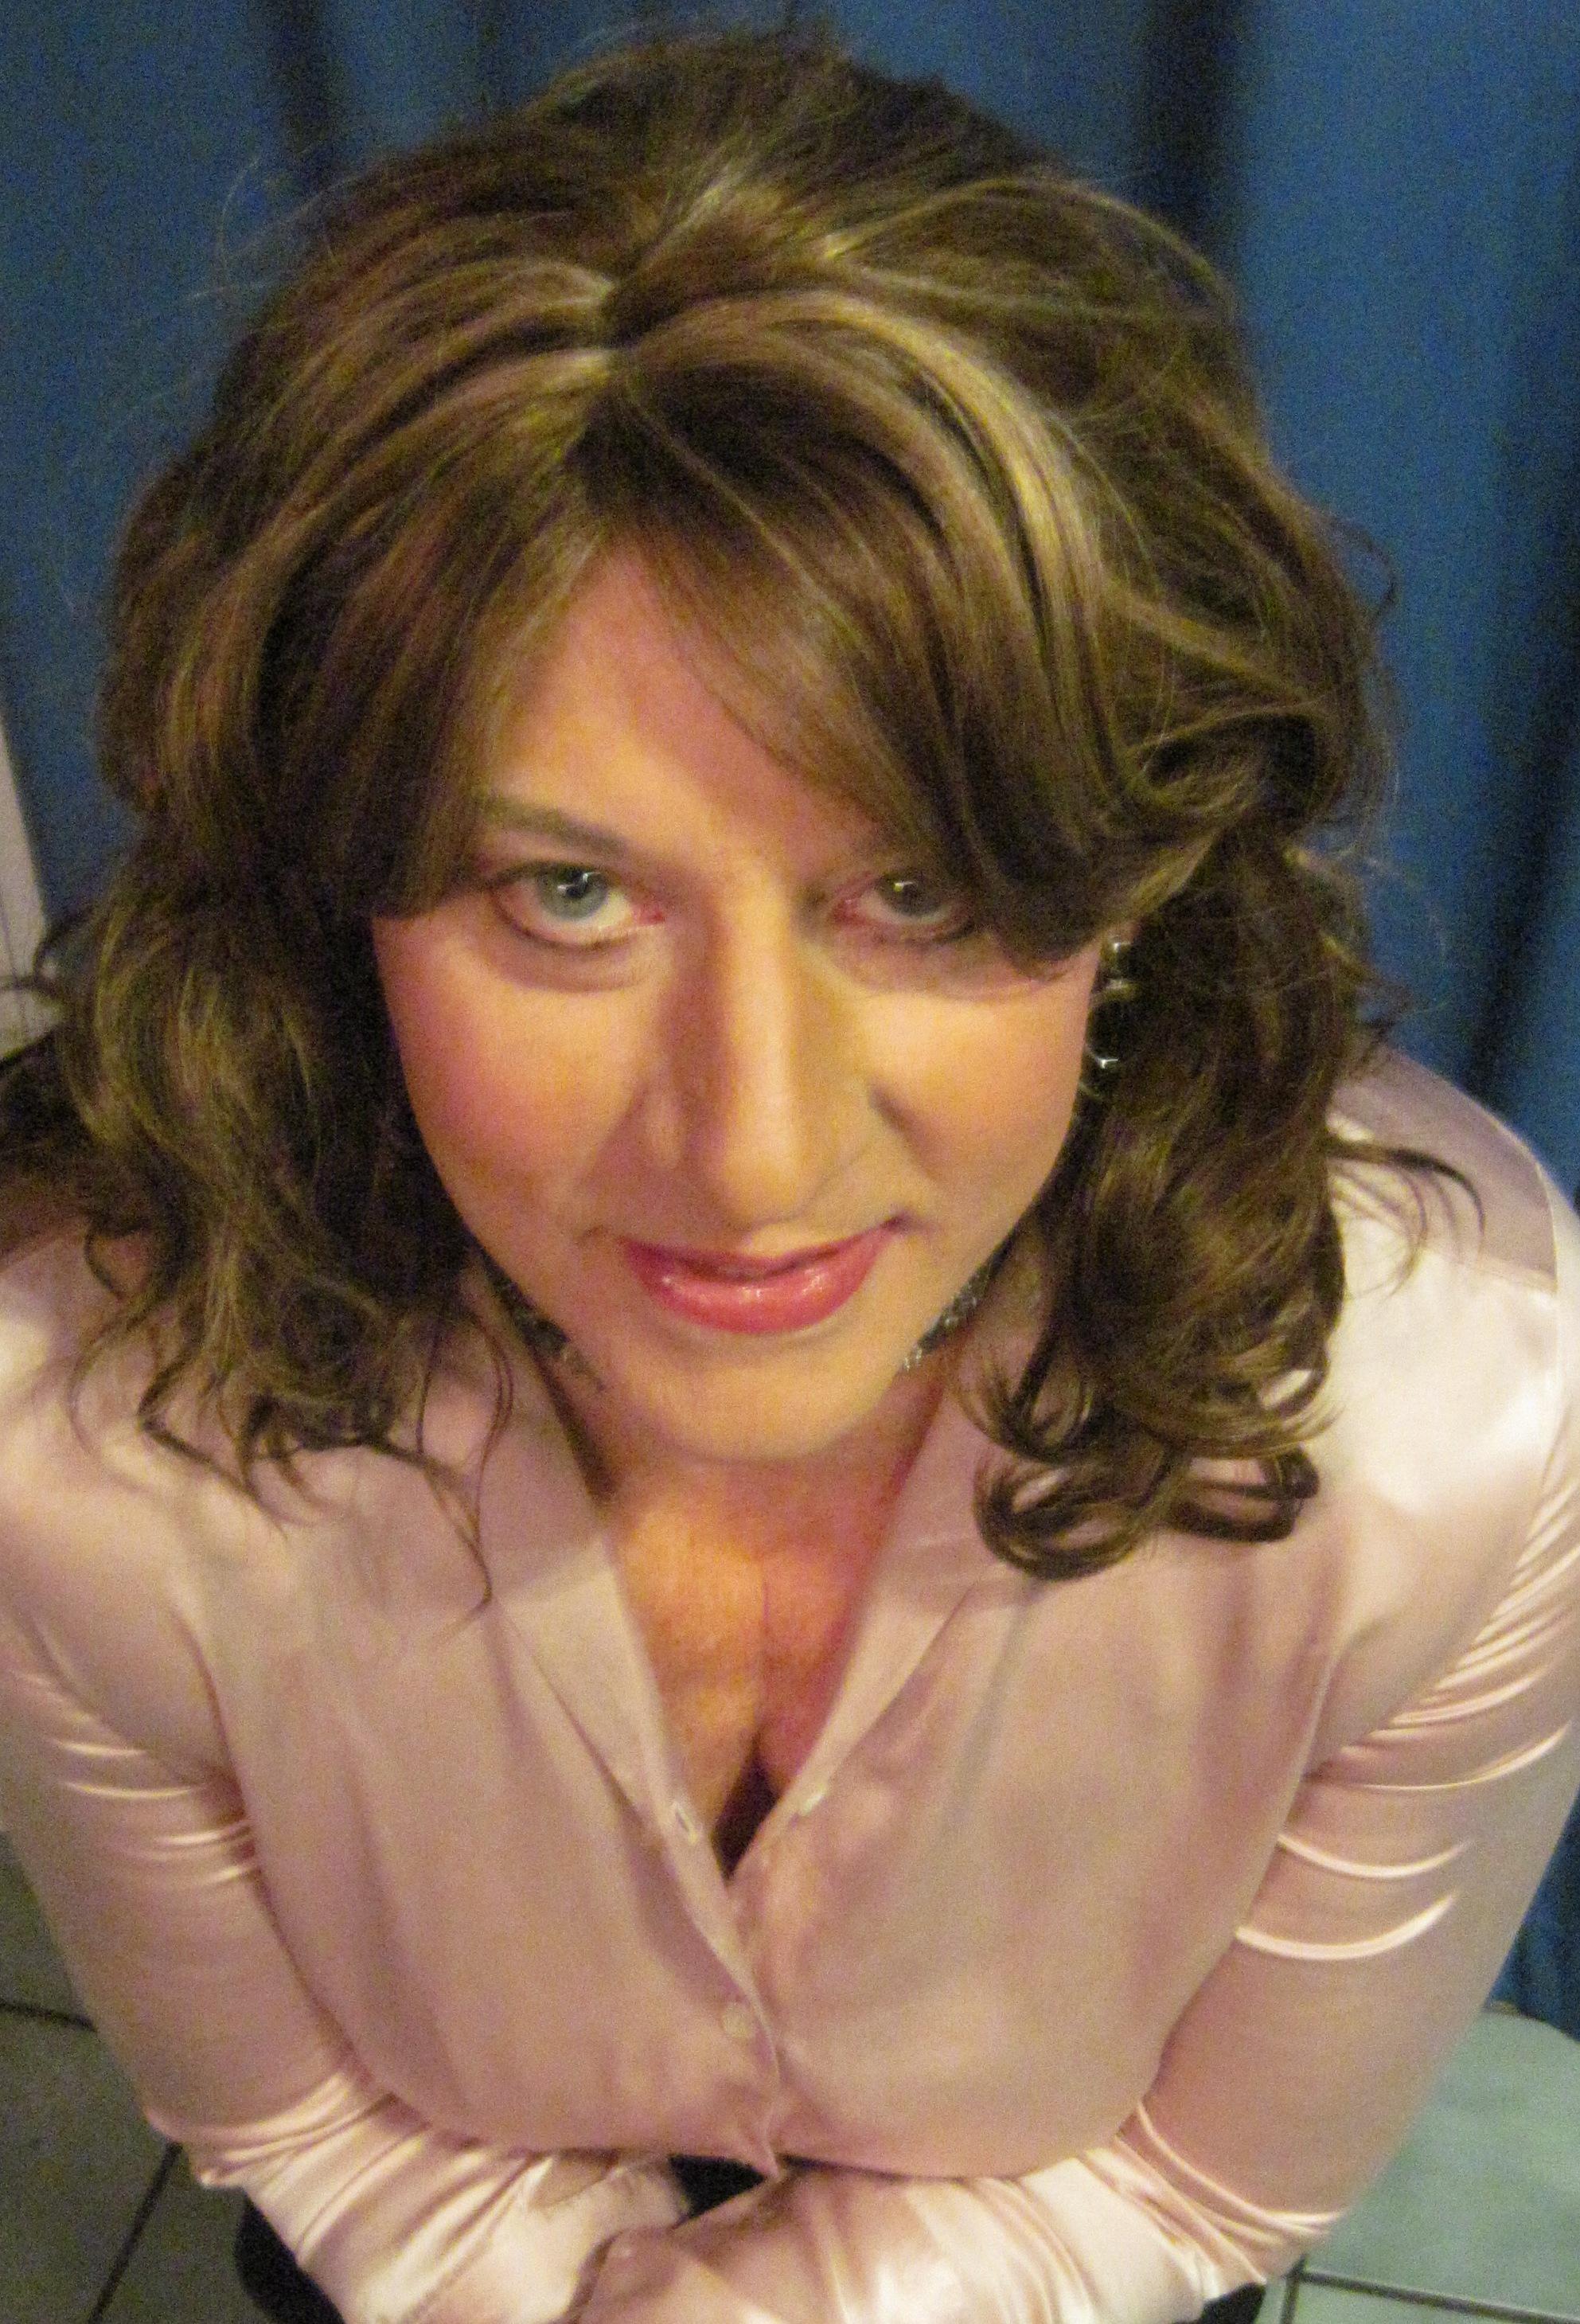 Charlotte http://photos2.meetupstatic.com/photos/member/6/a/6/b/member